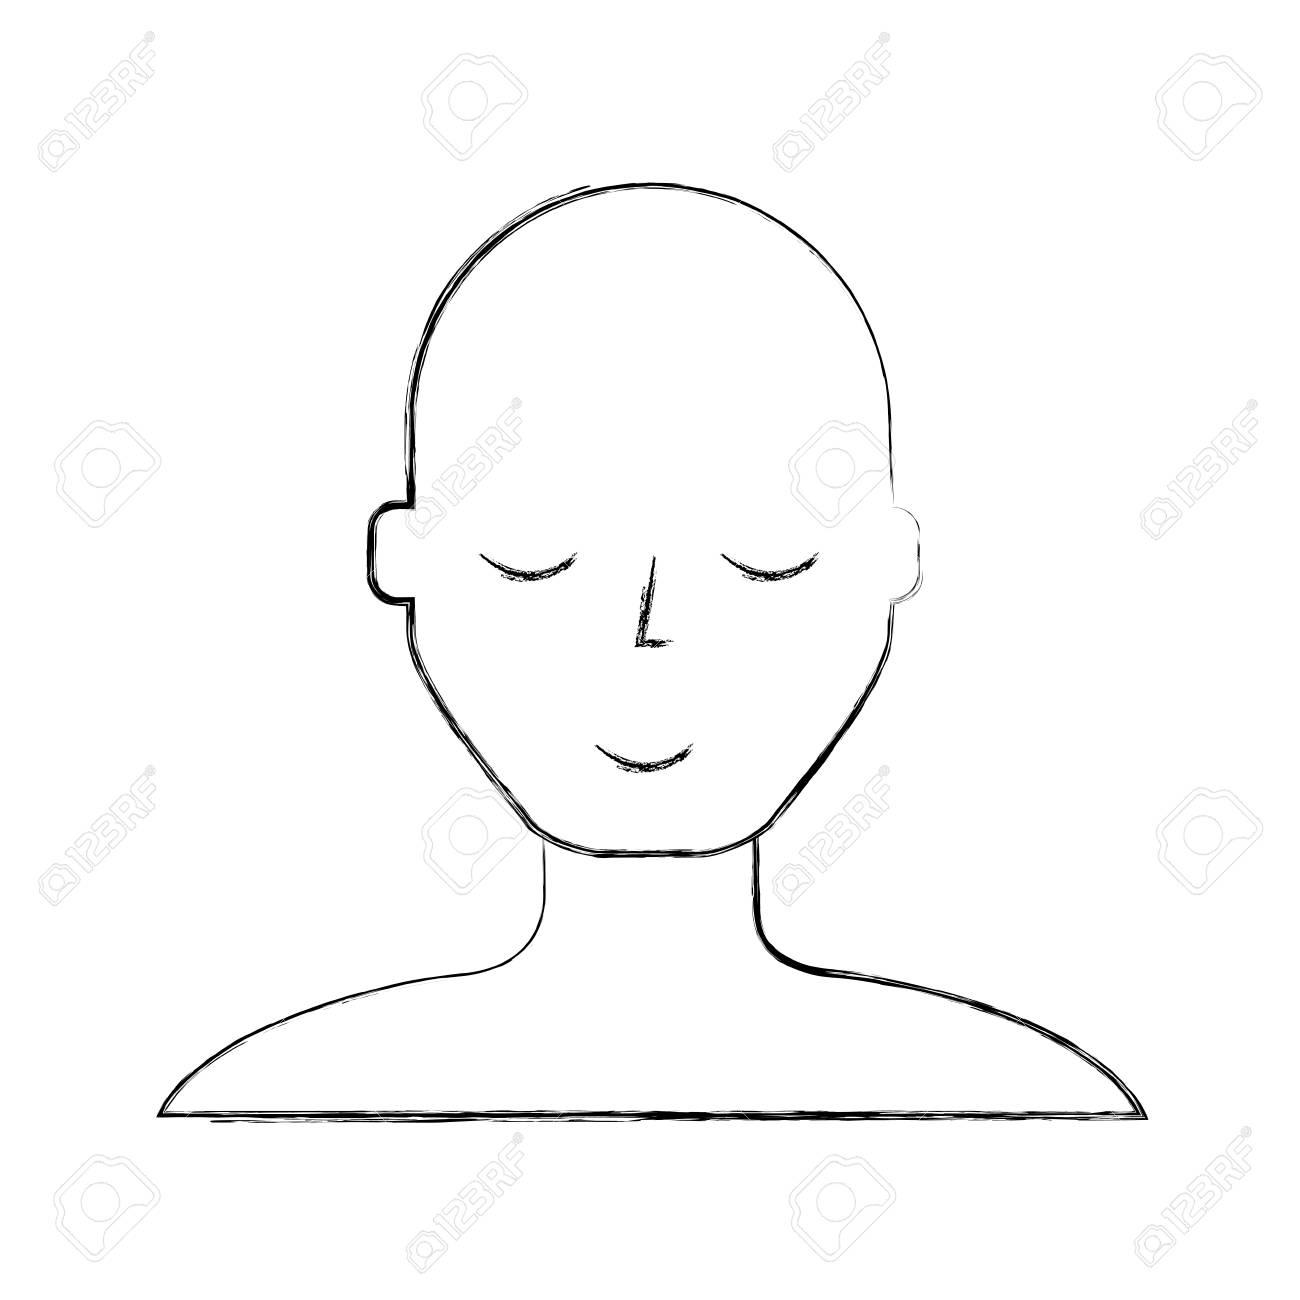 Croquis Dessiner Un Homme Chauve Visage Dessin Animé Vector Graphisme